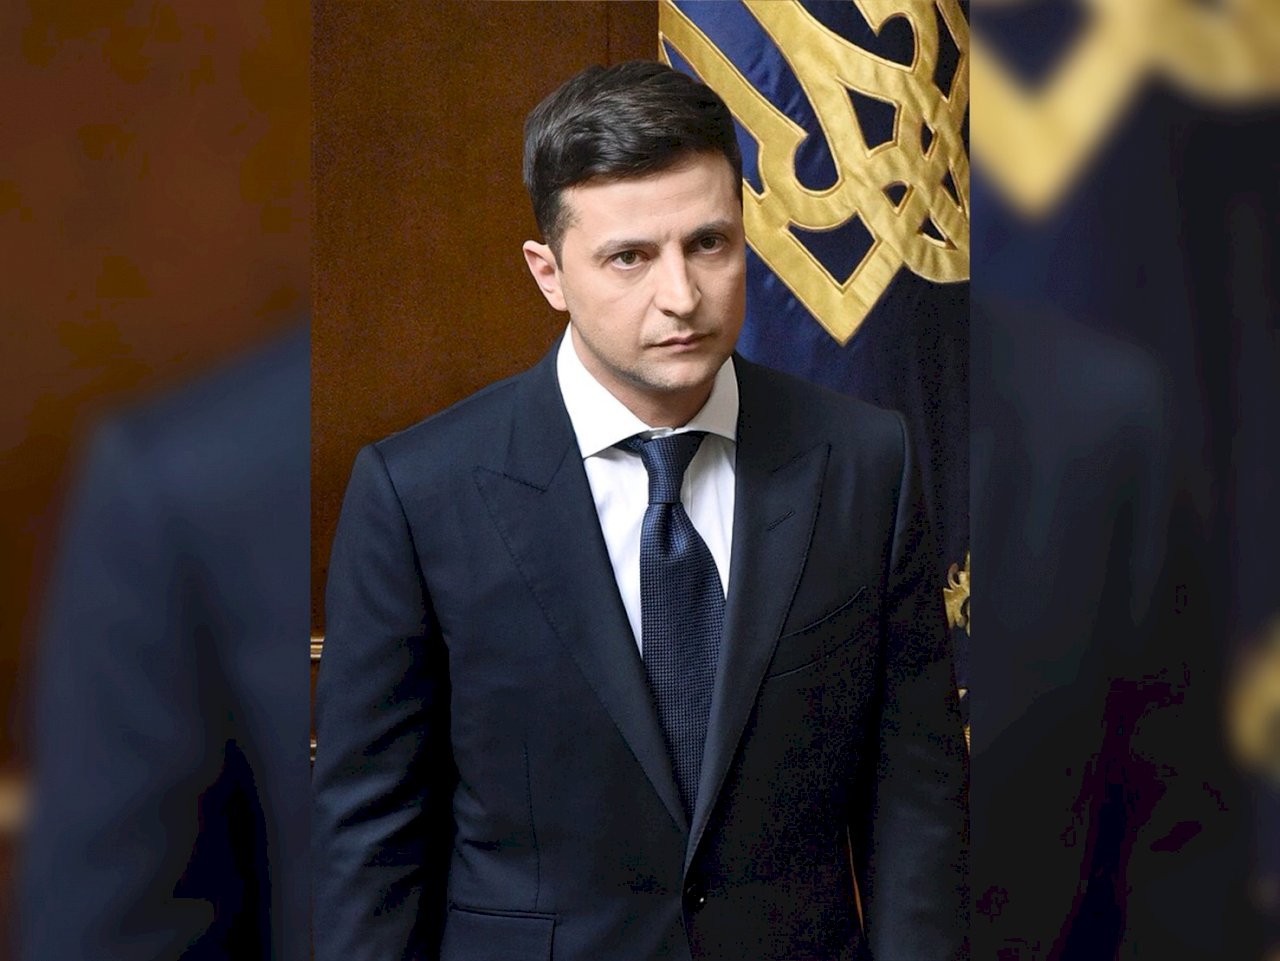 烏克蘭總統:不太可能公布與川普通話記錄